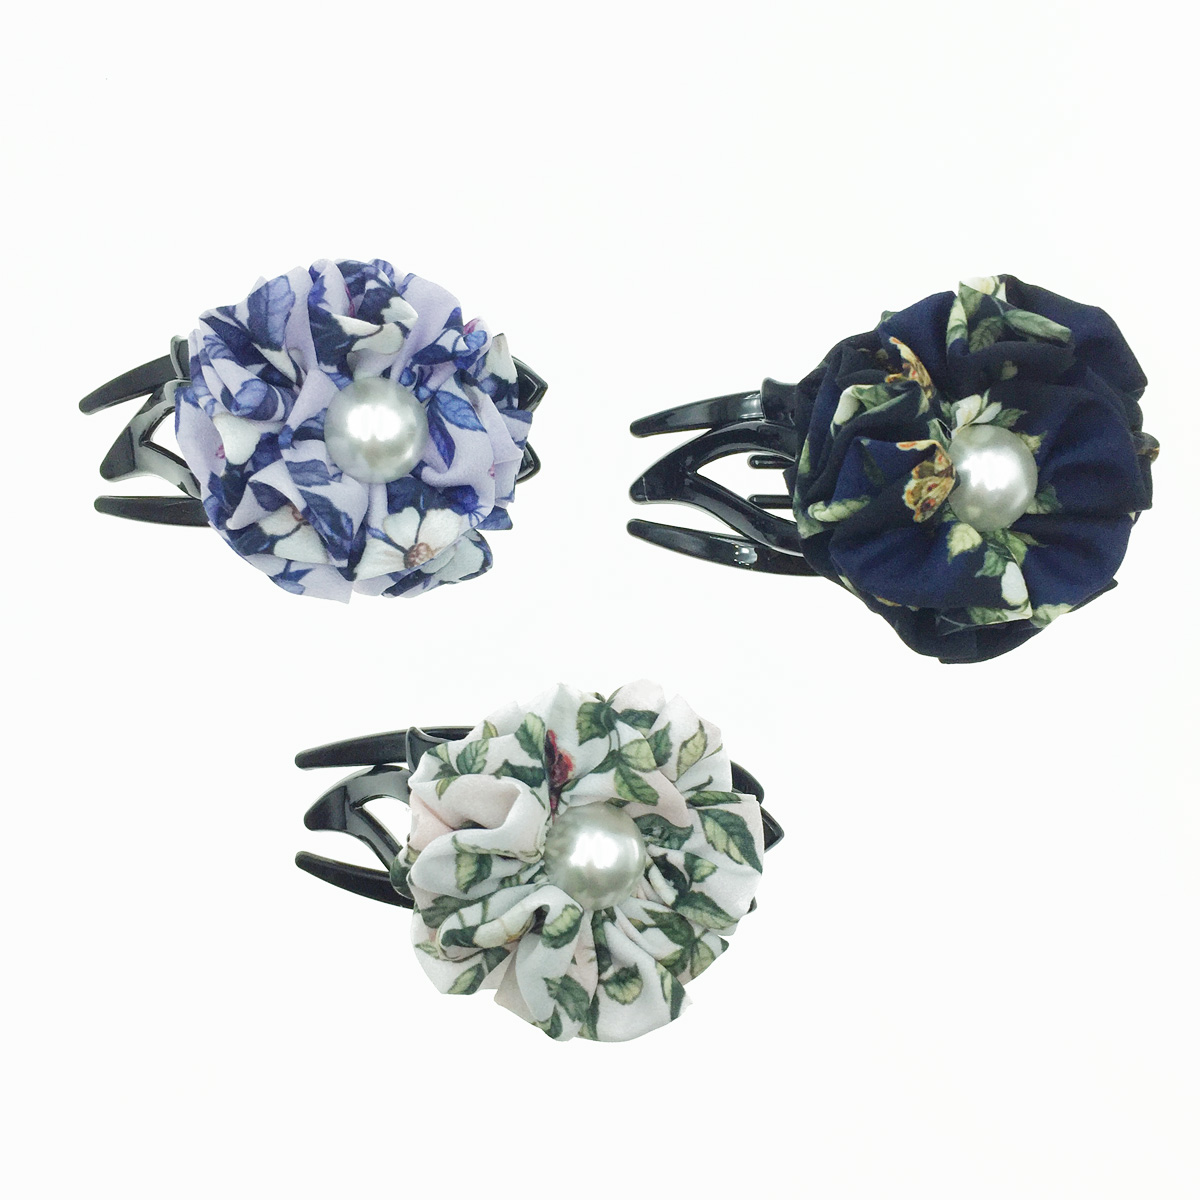 韓國 花朵 絲質 珍珠 碎花 氣質 燕尾夾